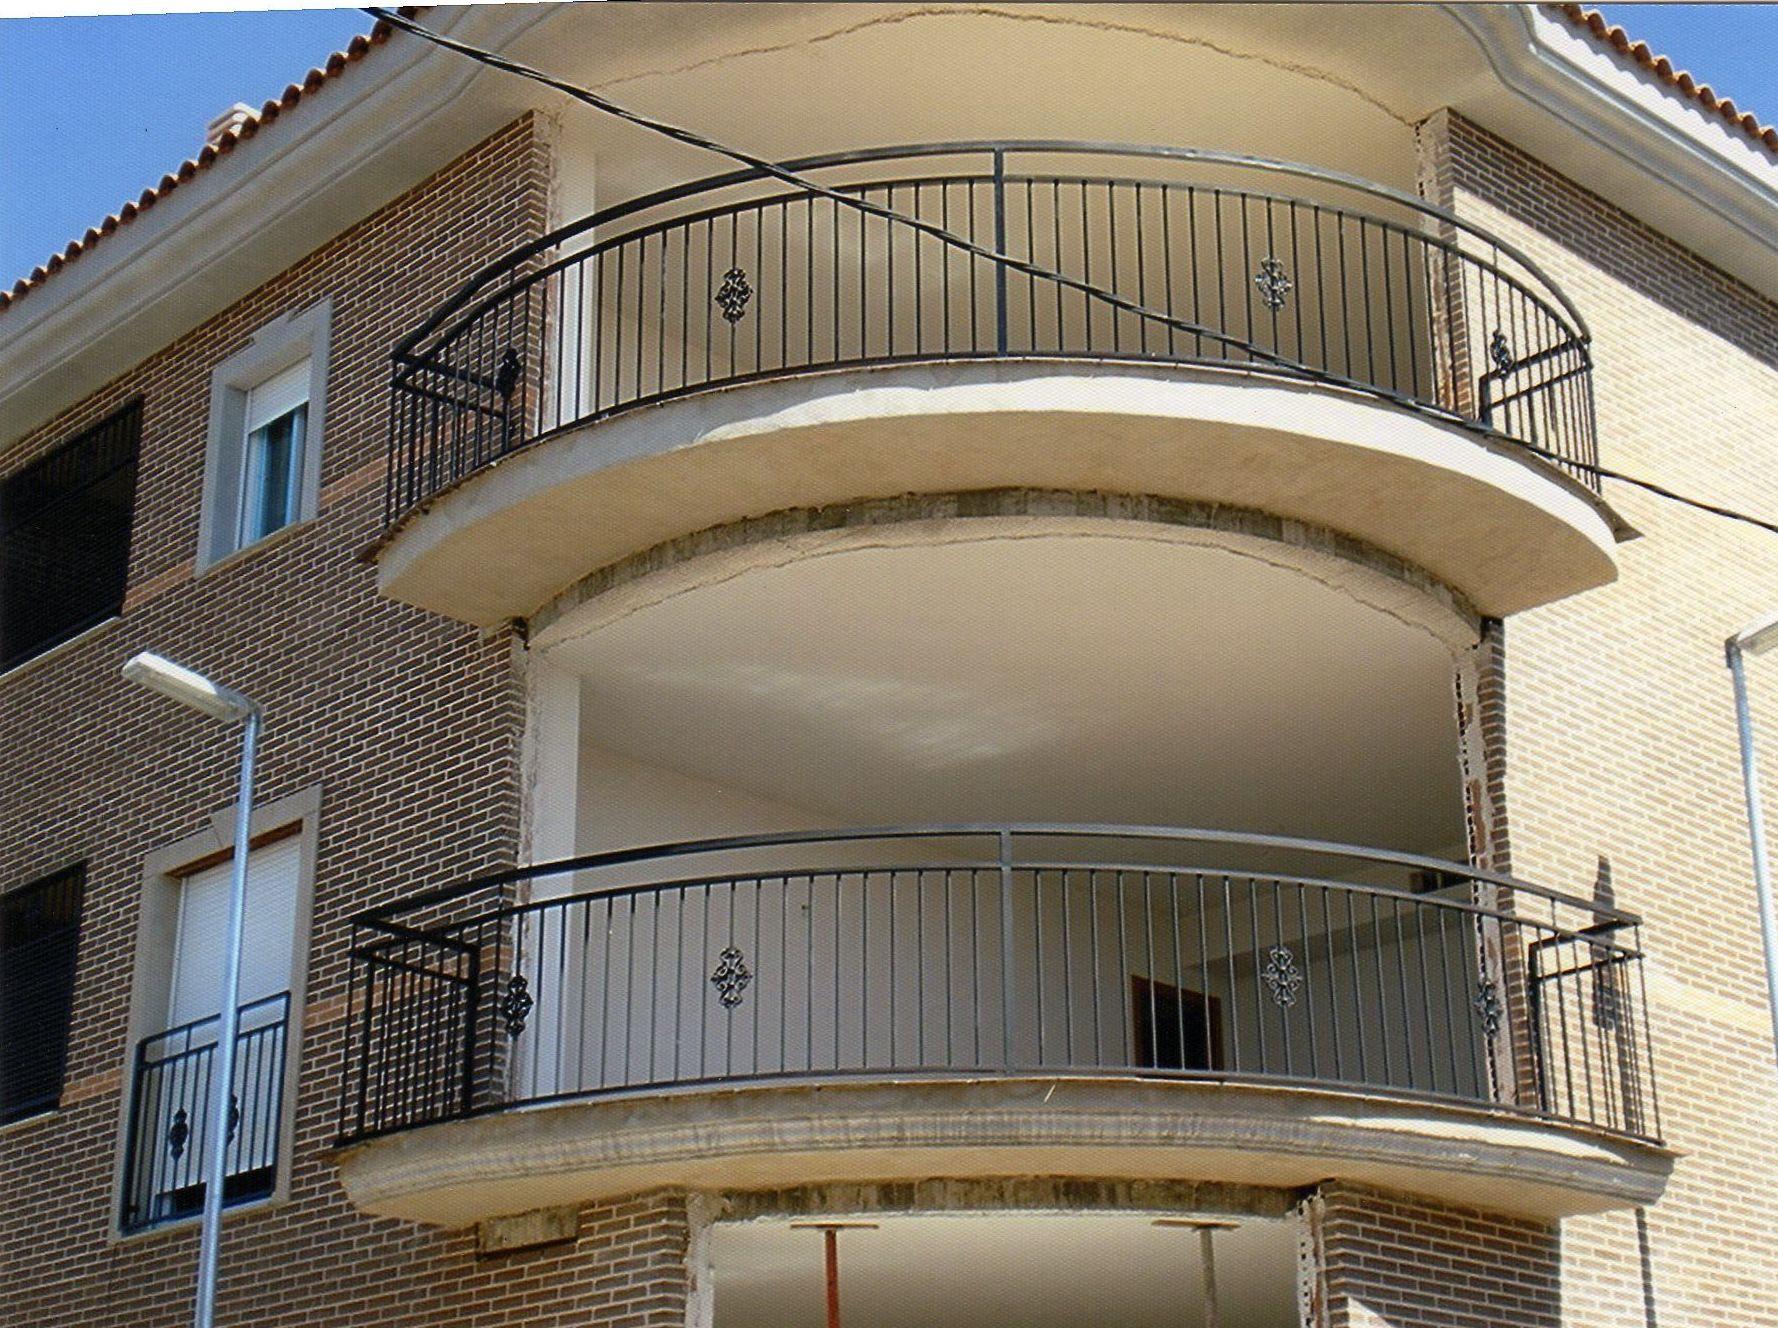 Barandillas de balcones curvos